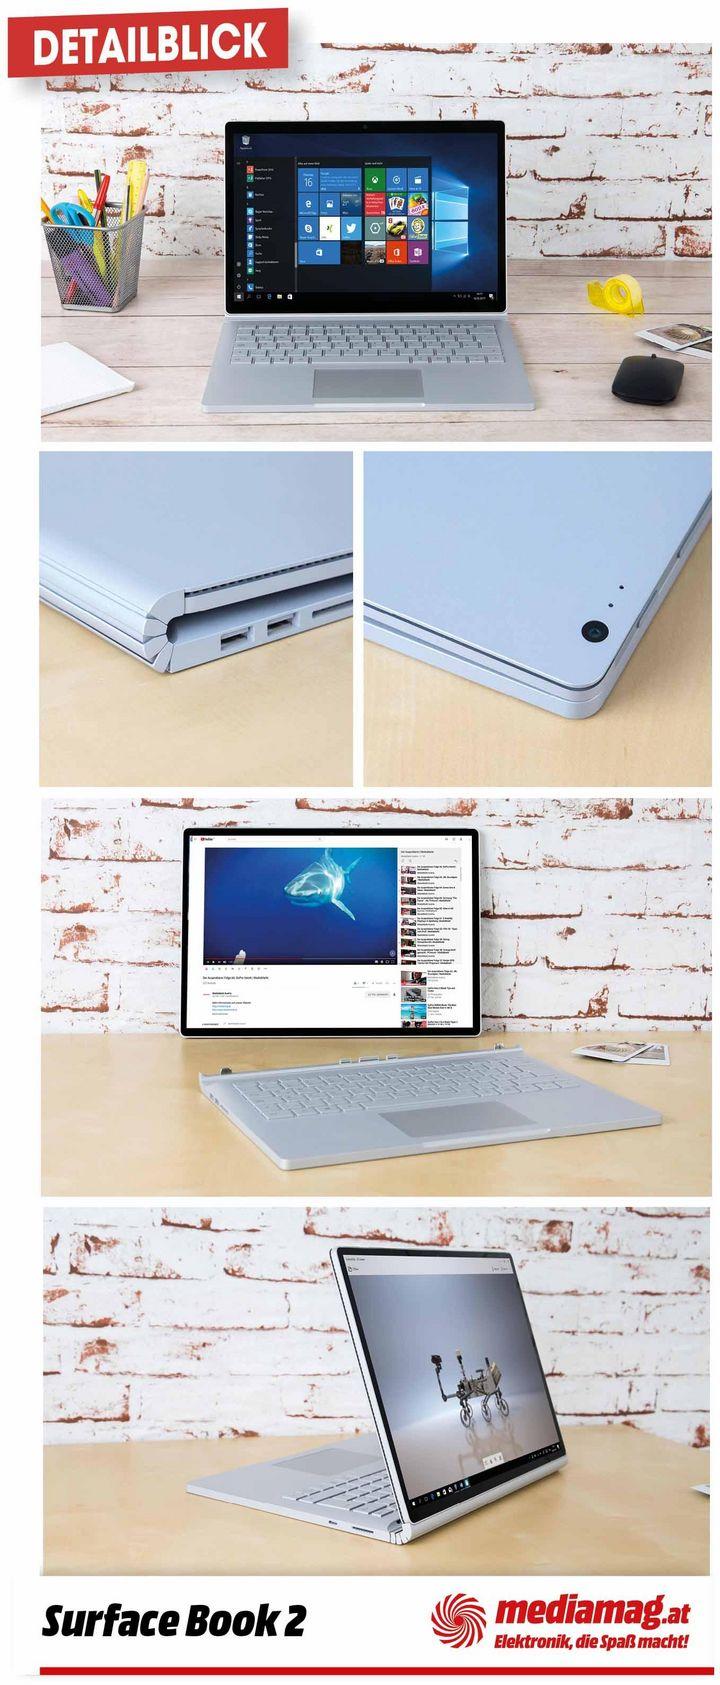 """Wir nehmen das """"Surface Book 2"""" von Microsoft genauer unter die Lupe."""